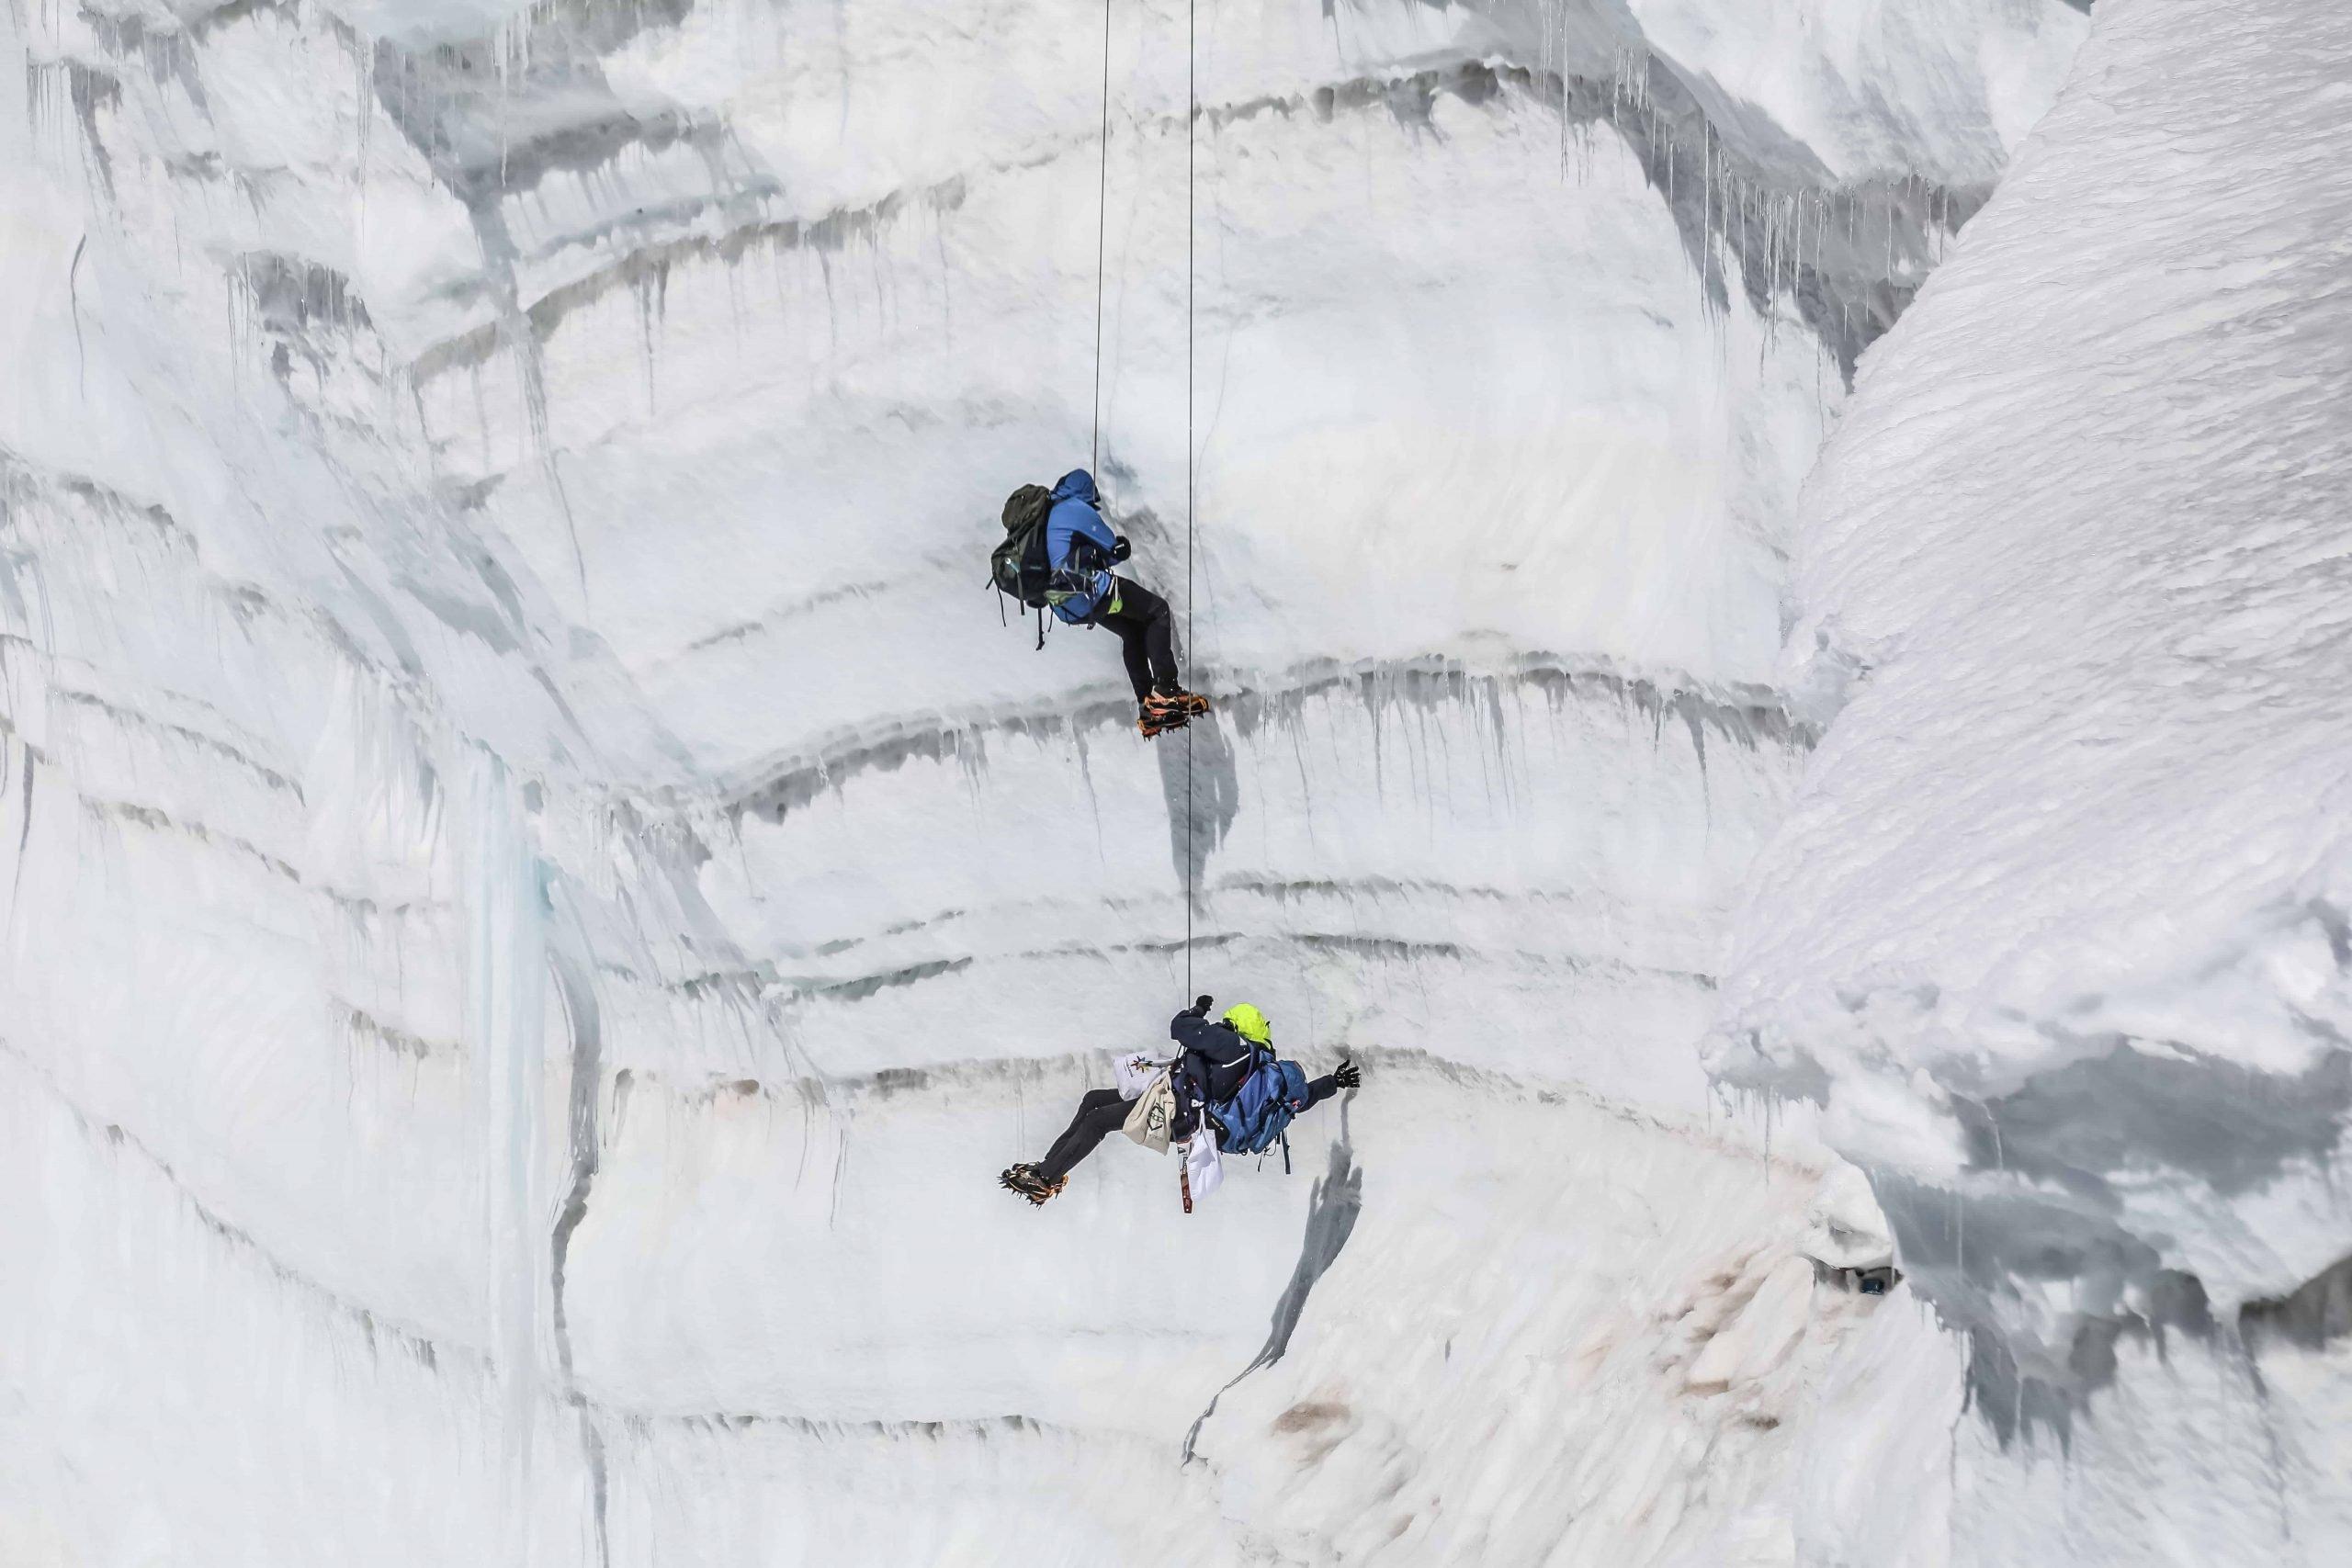 Ghiacciaio del Lys - Monte Rosa - Colle Vincent - calata - seracco - paranco